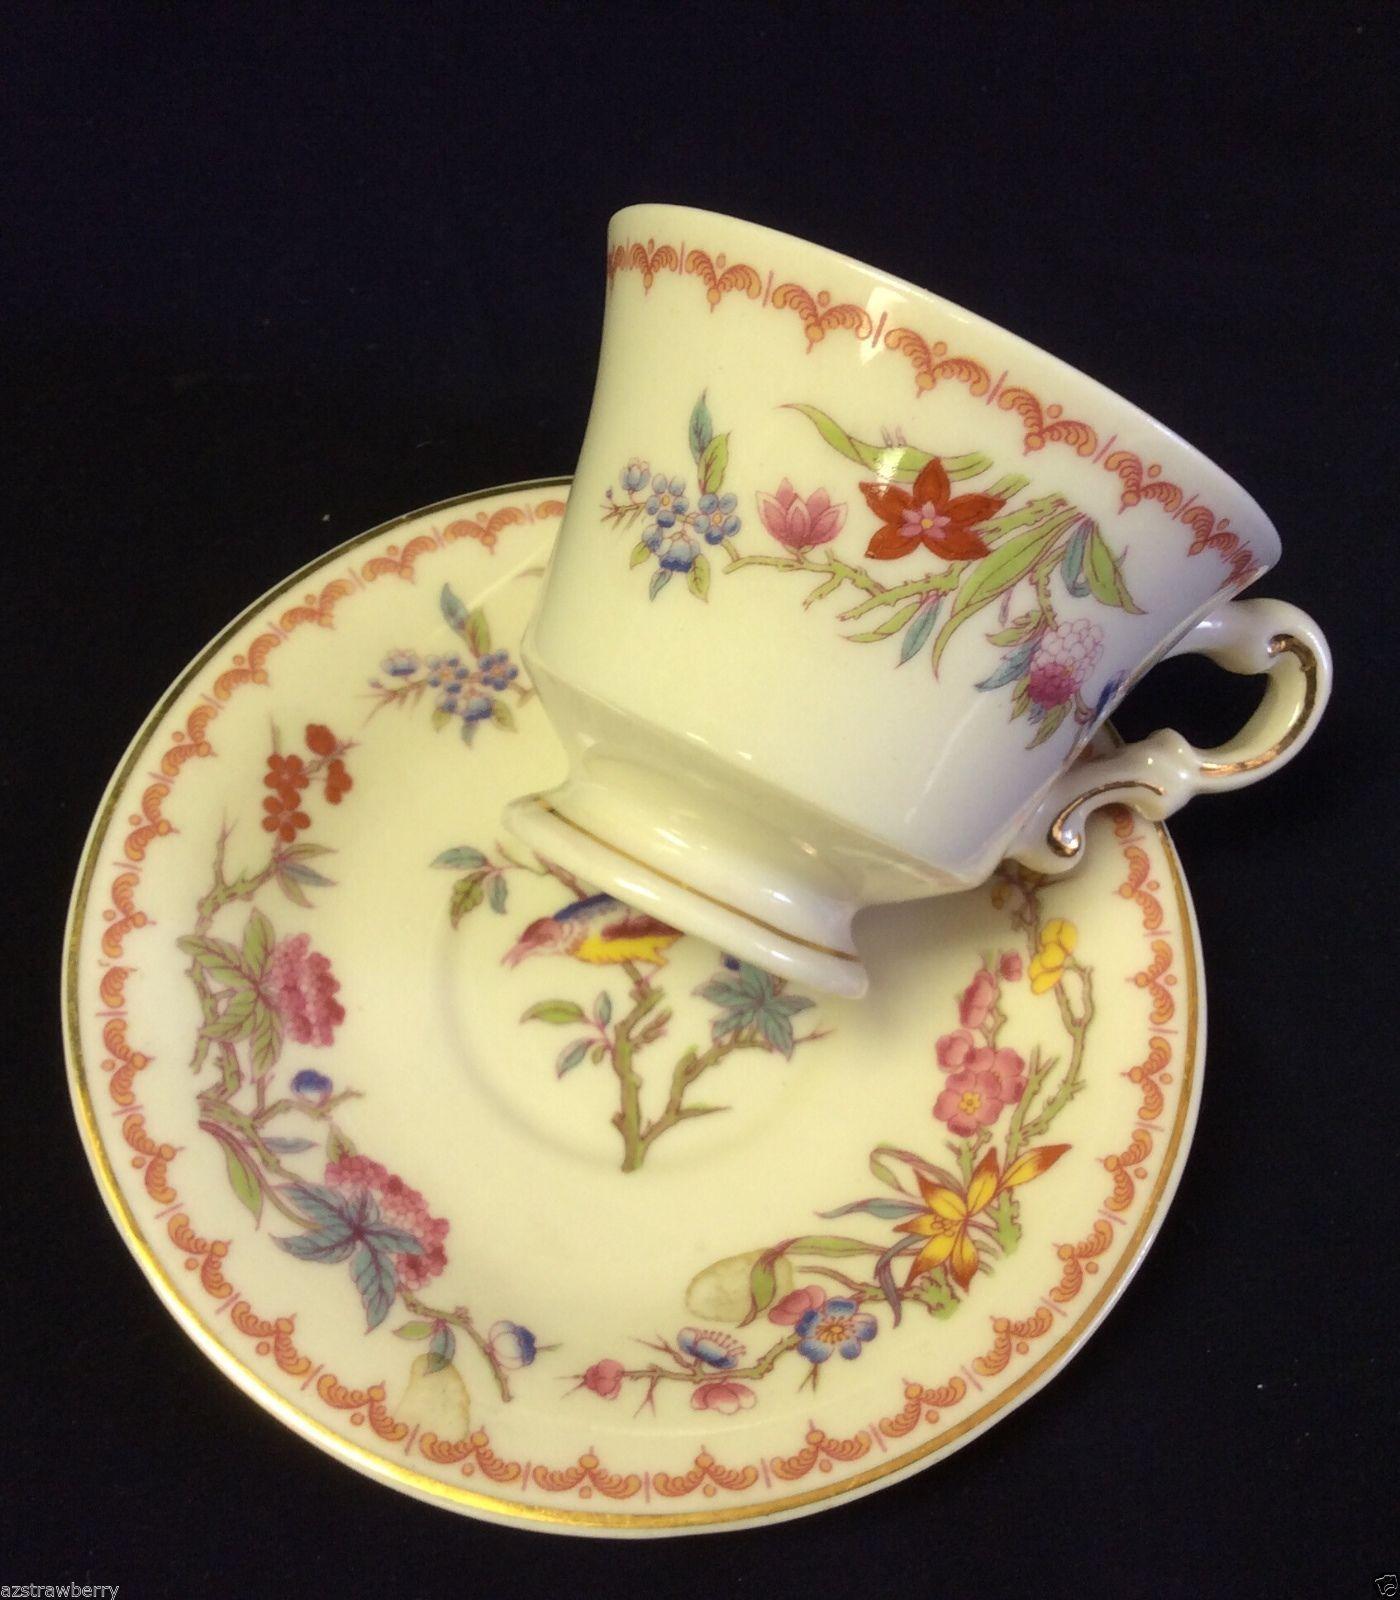 VTG Syracuse Old Ivory Porcelain China Demitasse Cup